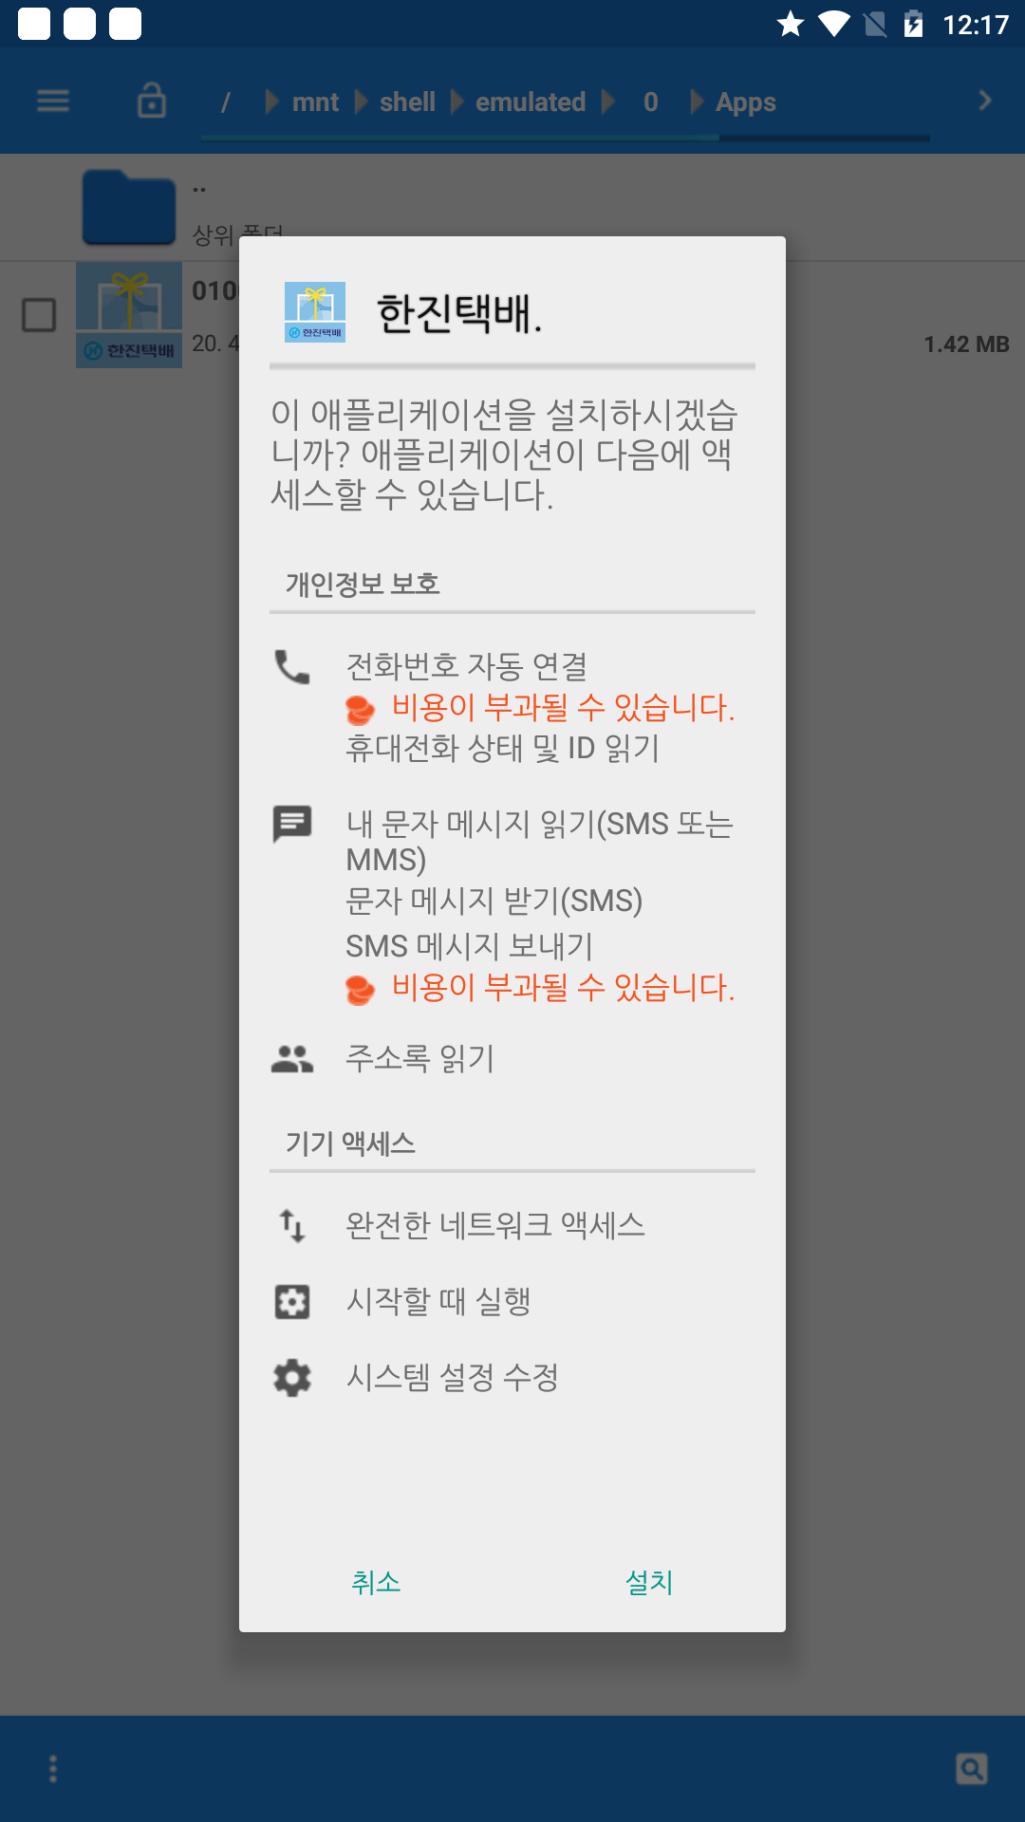 20200422 한진택배 스미싱 앱 설치 권한